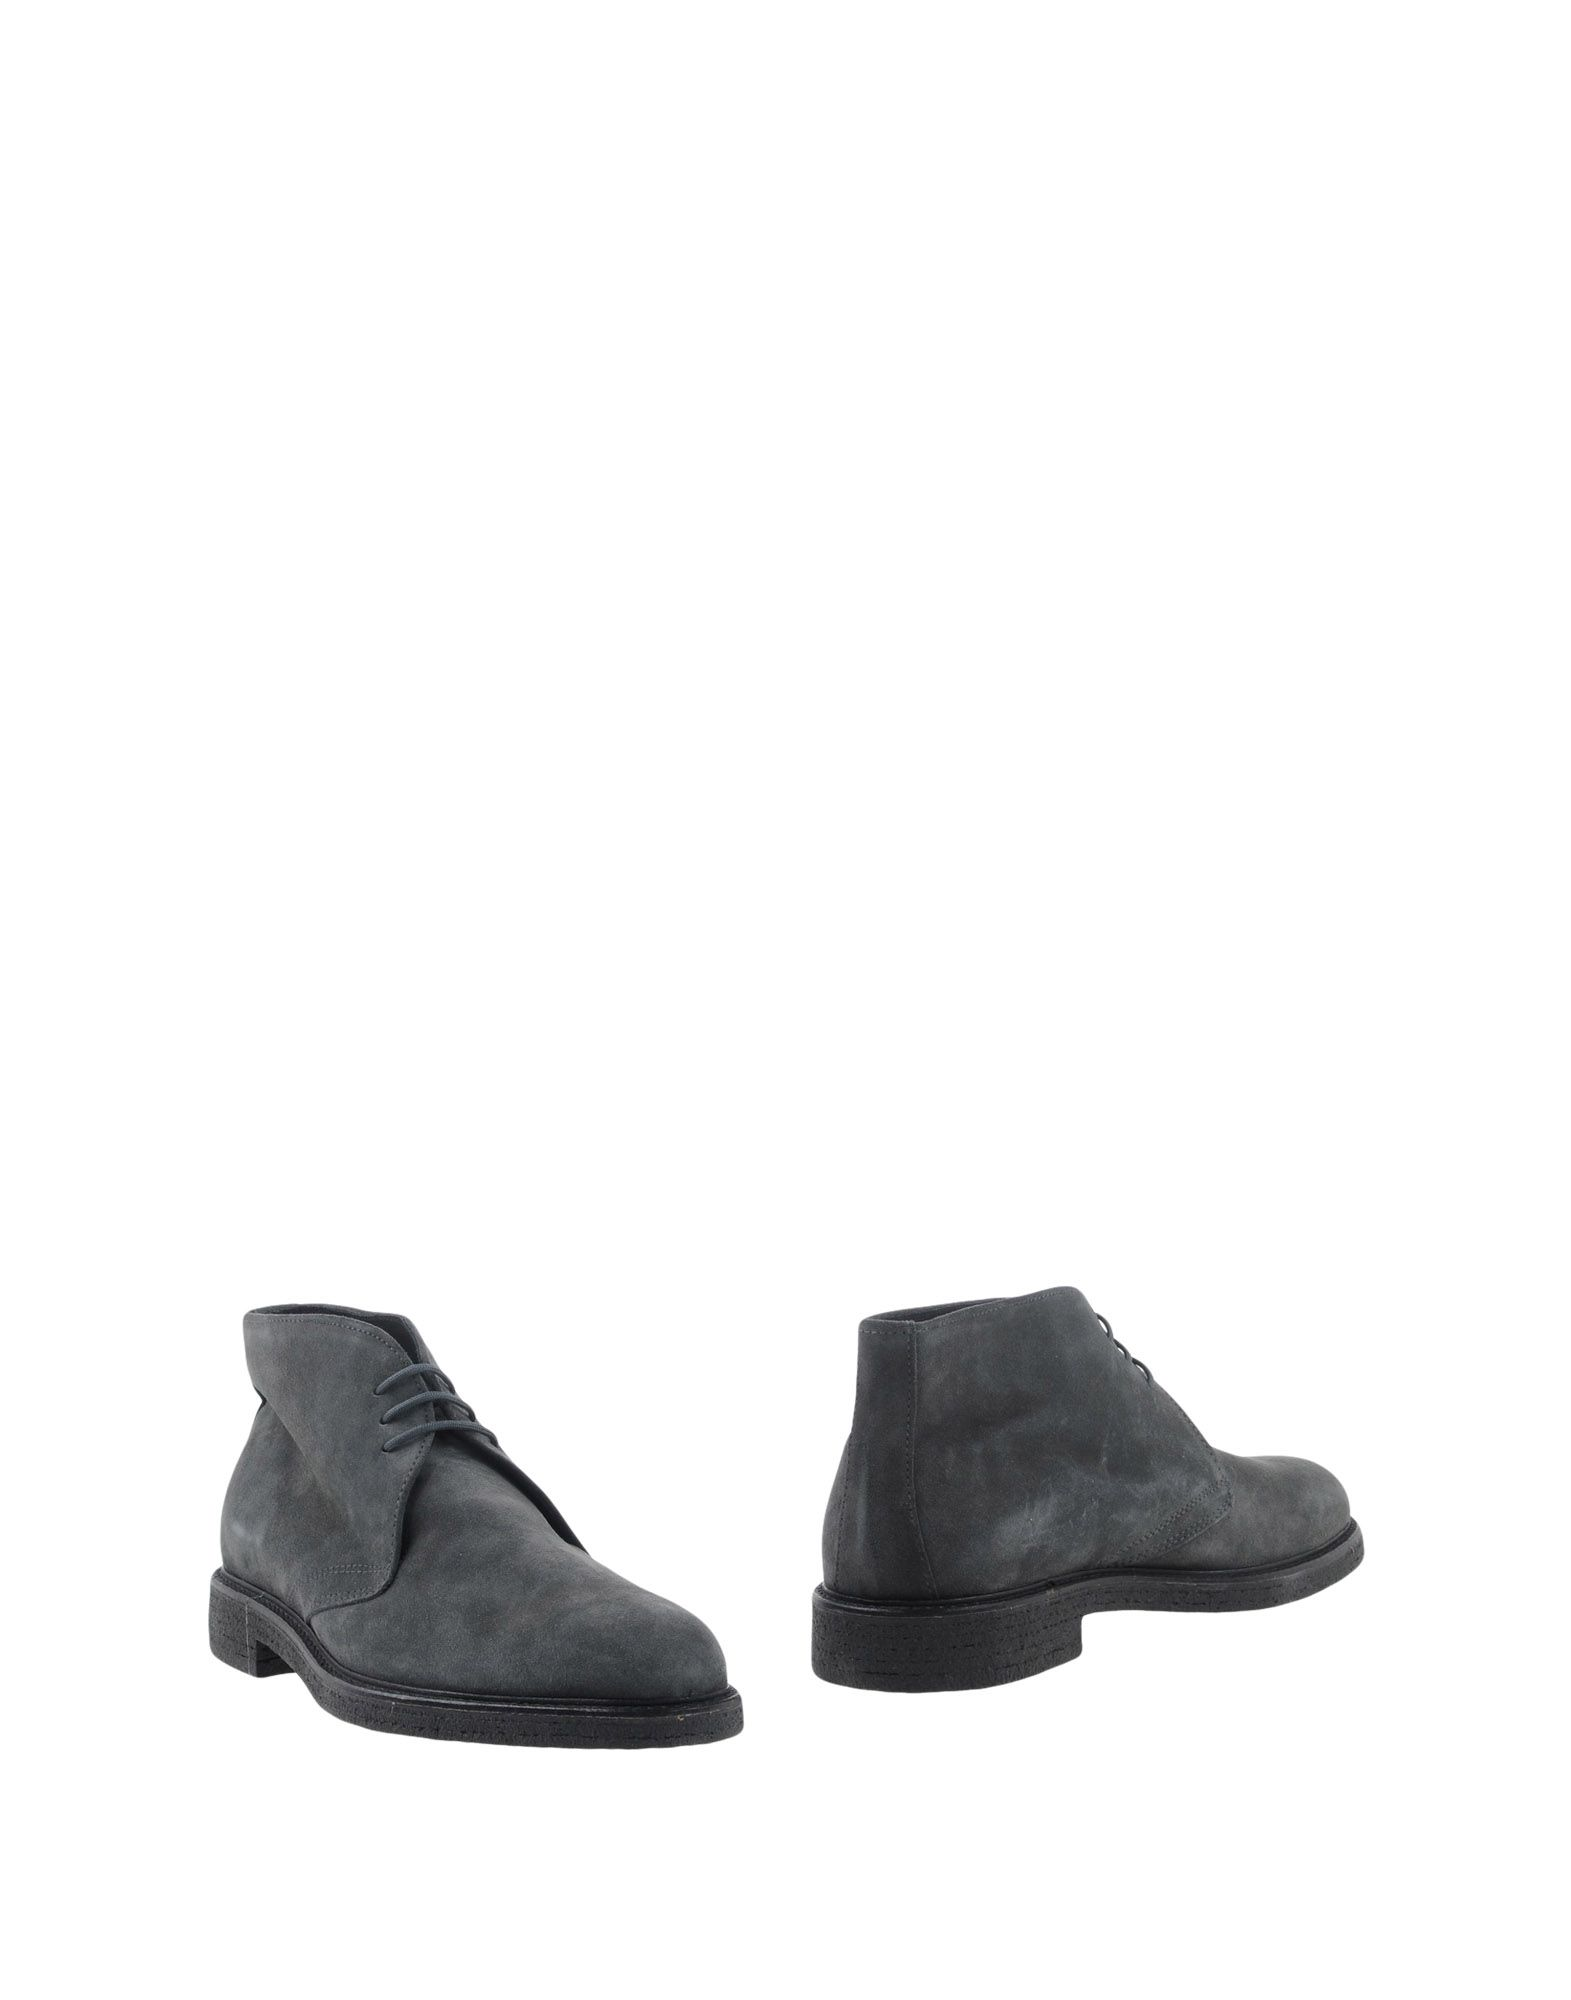 ФОТО roberto della croce Полусапоги и высокие ботинки